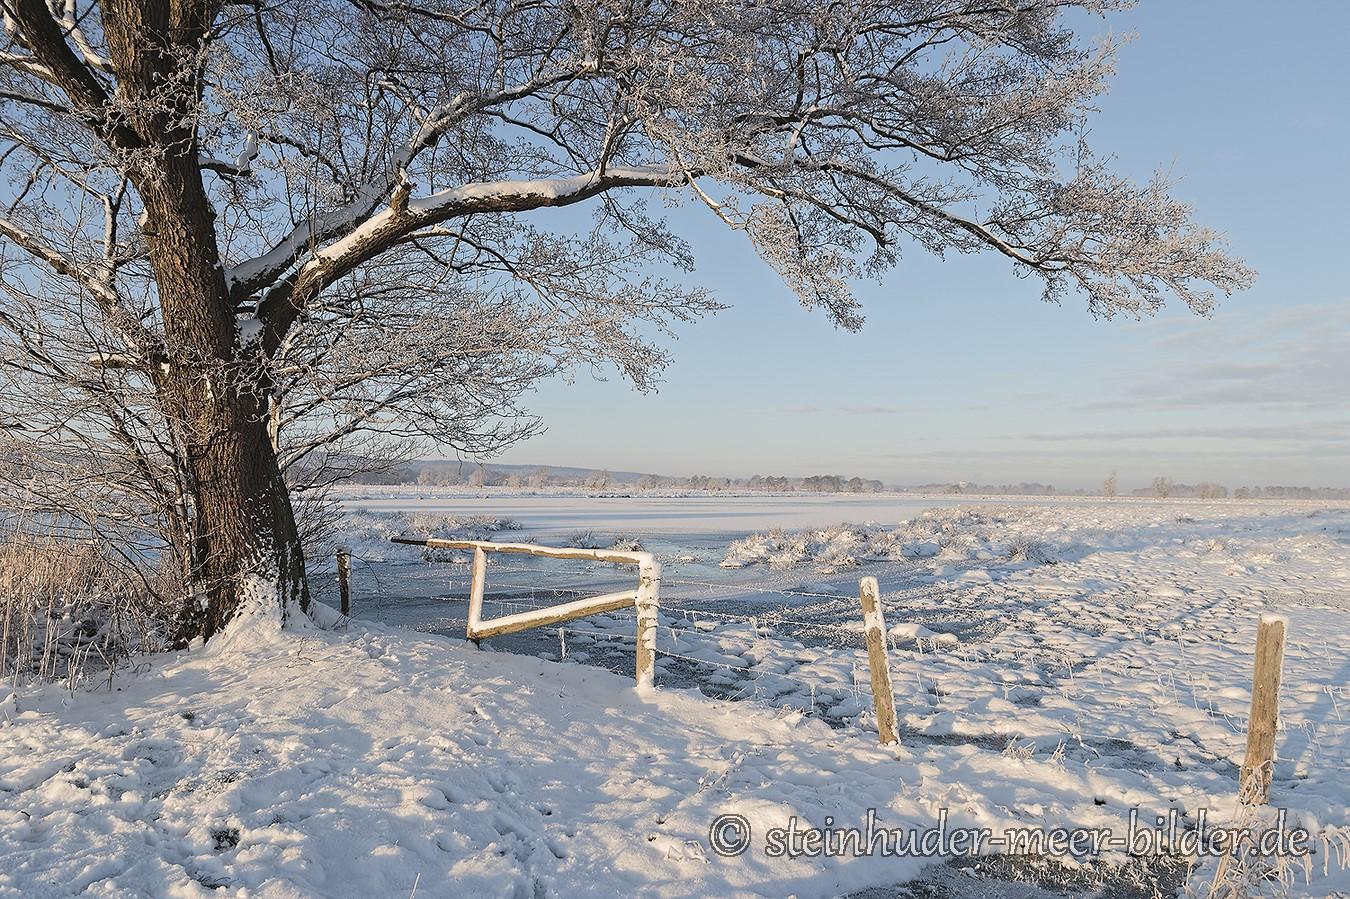 meerbruchswiesen-winter-steinhuder-meer-eis-schnee-zugefroren-eisdecke-naturpark-naturraum-region-C_SAM0158 Kopie